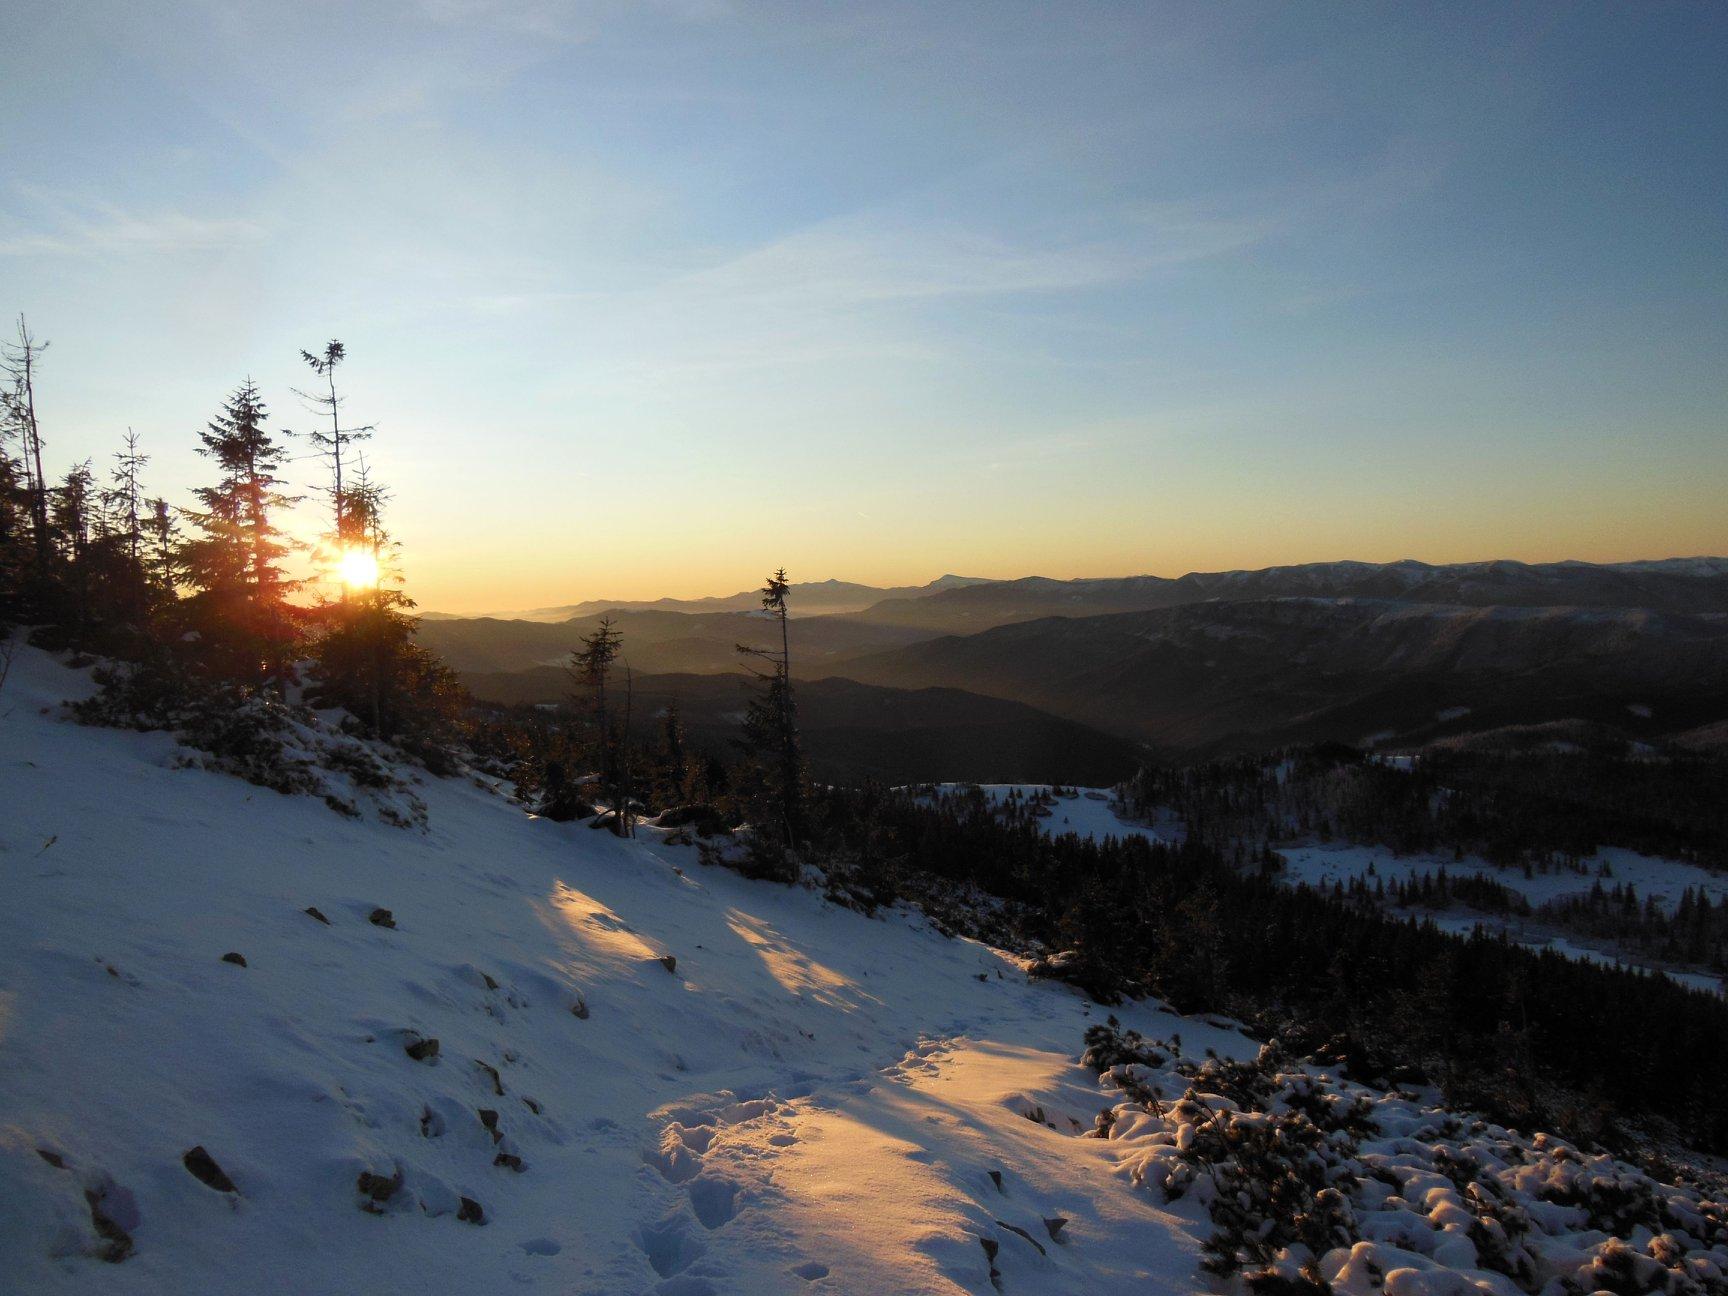 Франківець пішов у похід на милицях заради неймовірних фото зимових Карпат 14